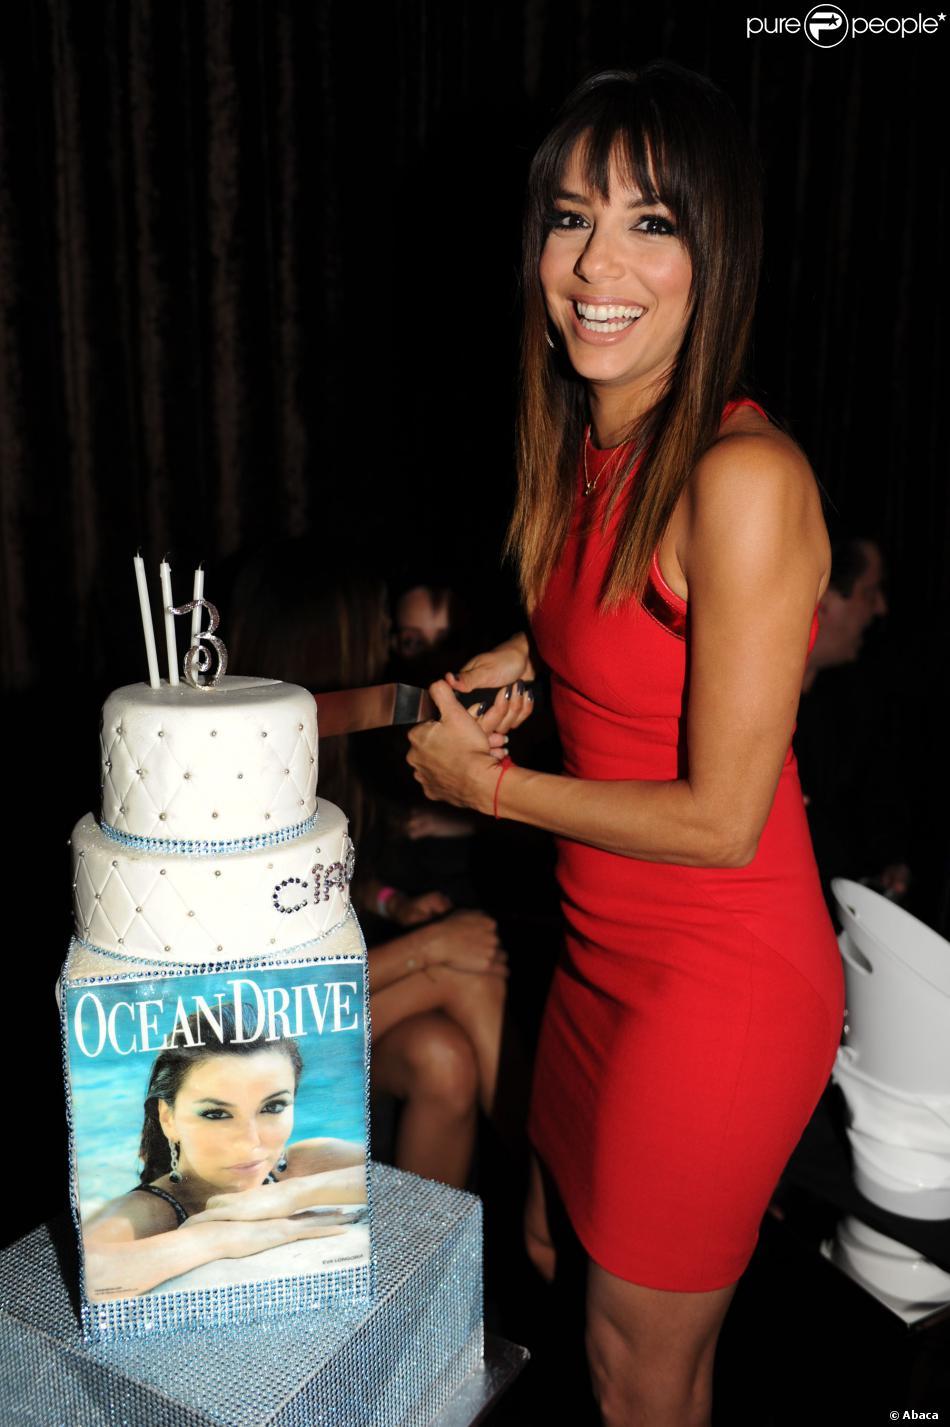 Eva Longoria fête la sortie du magazine Ocean Drive Magazine daté du mois de mars, à Destin en Floride, le 14 mars 2014.